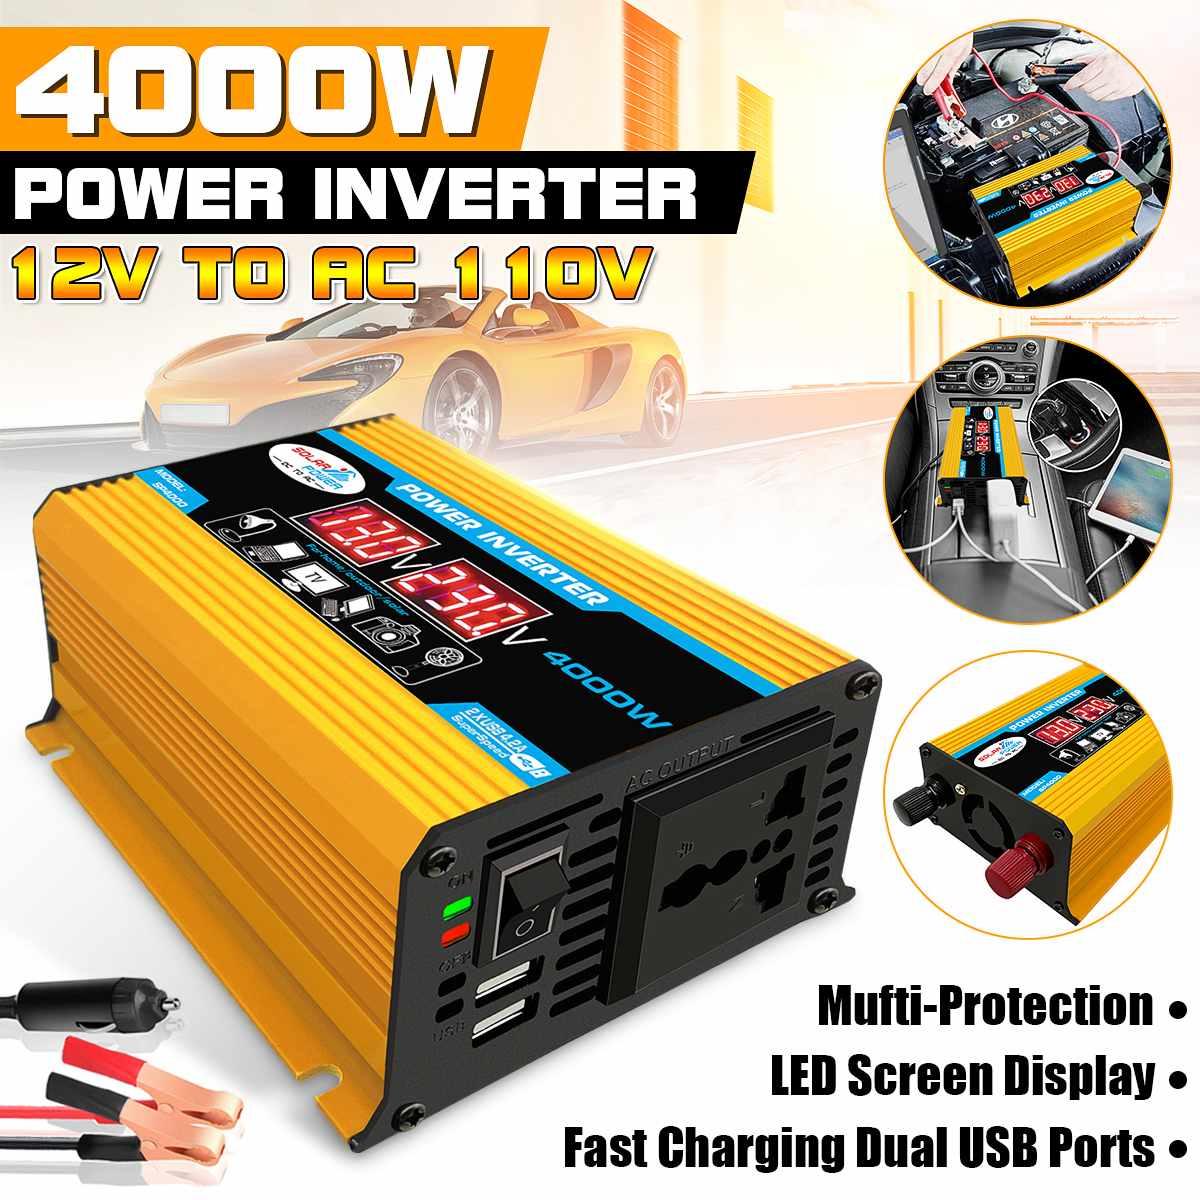 4000W 12V To 220V/110V Dual USB Car Power Inverter Converter Charger Adapter  Voltage Transformer Modified Sine Wave LED Display